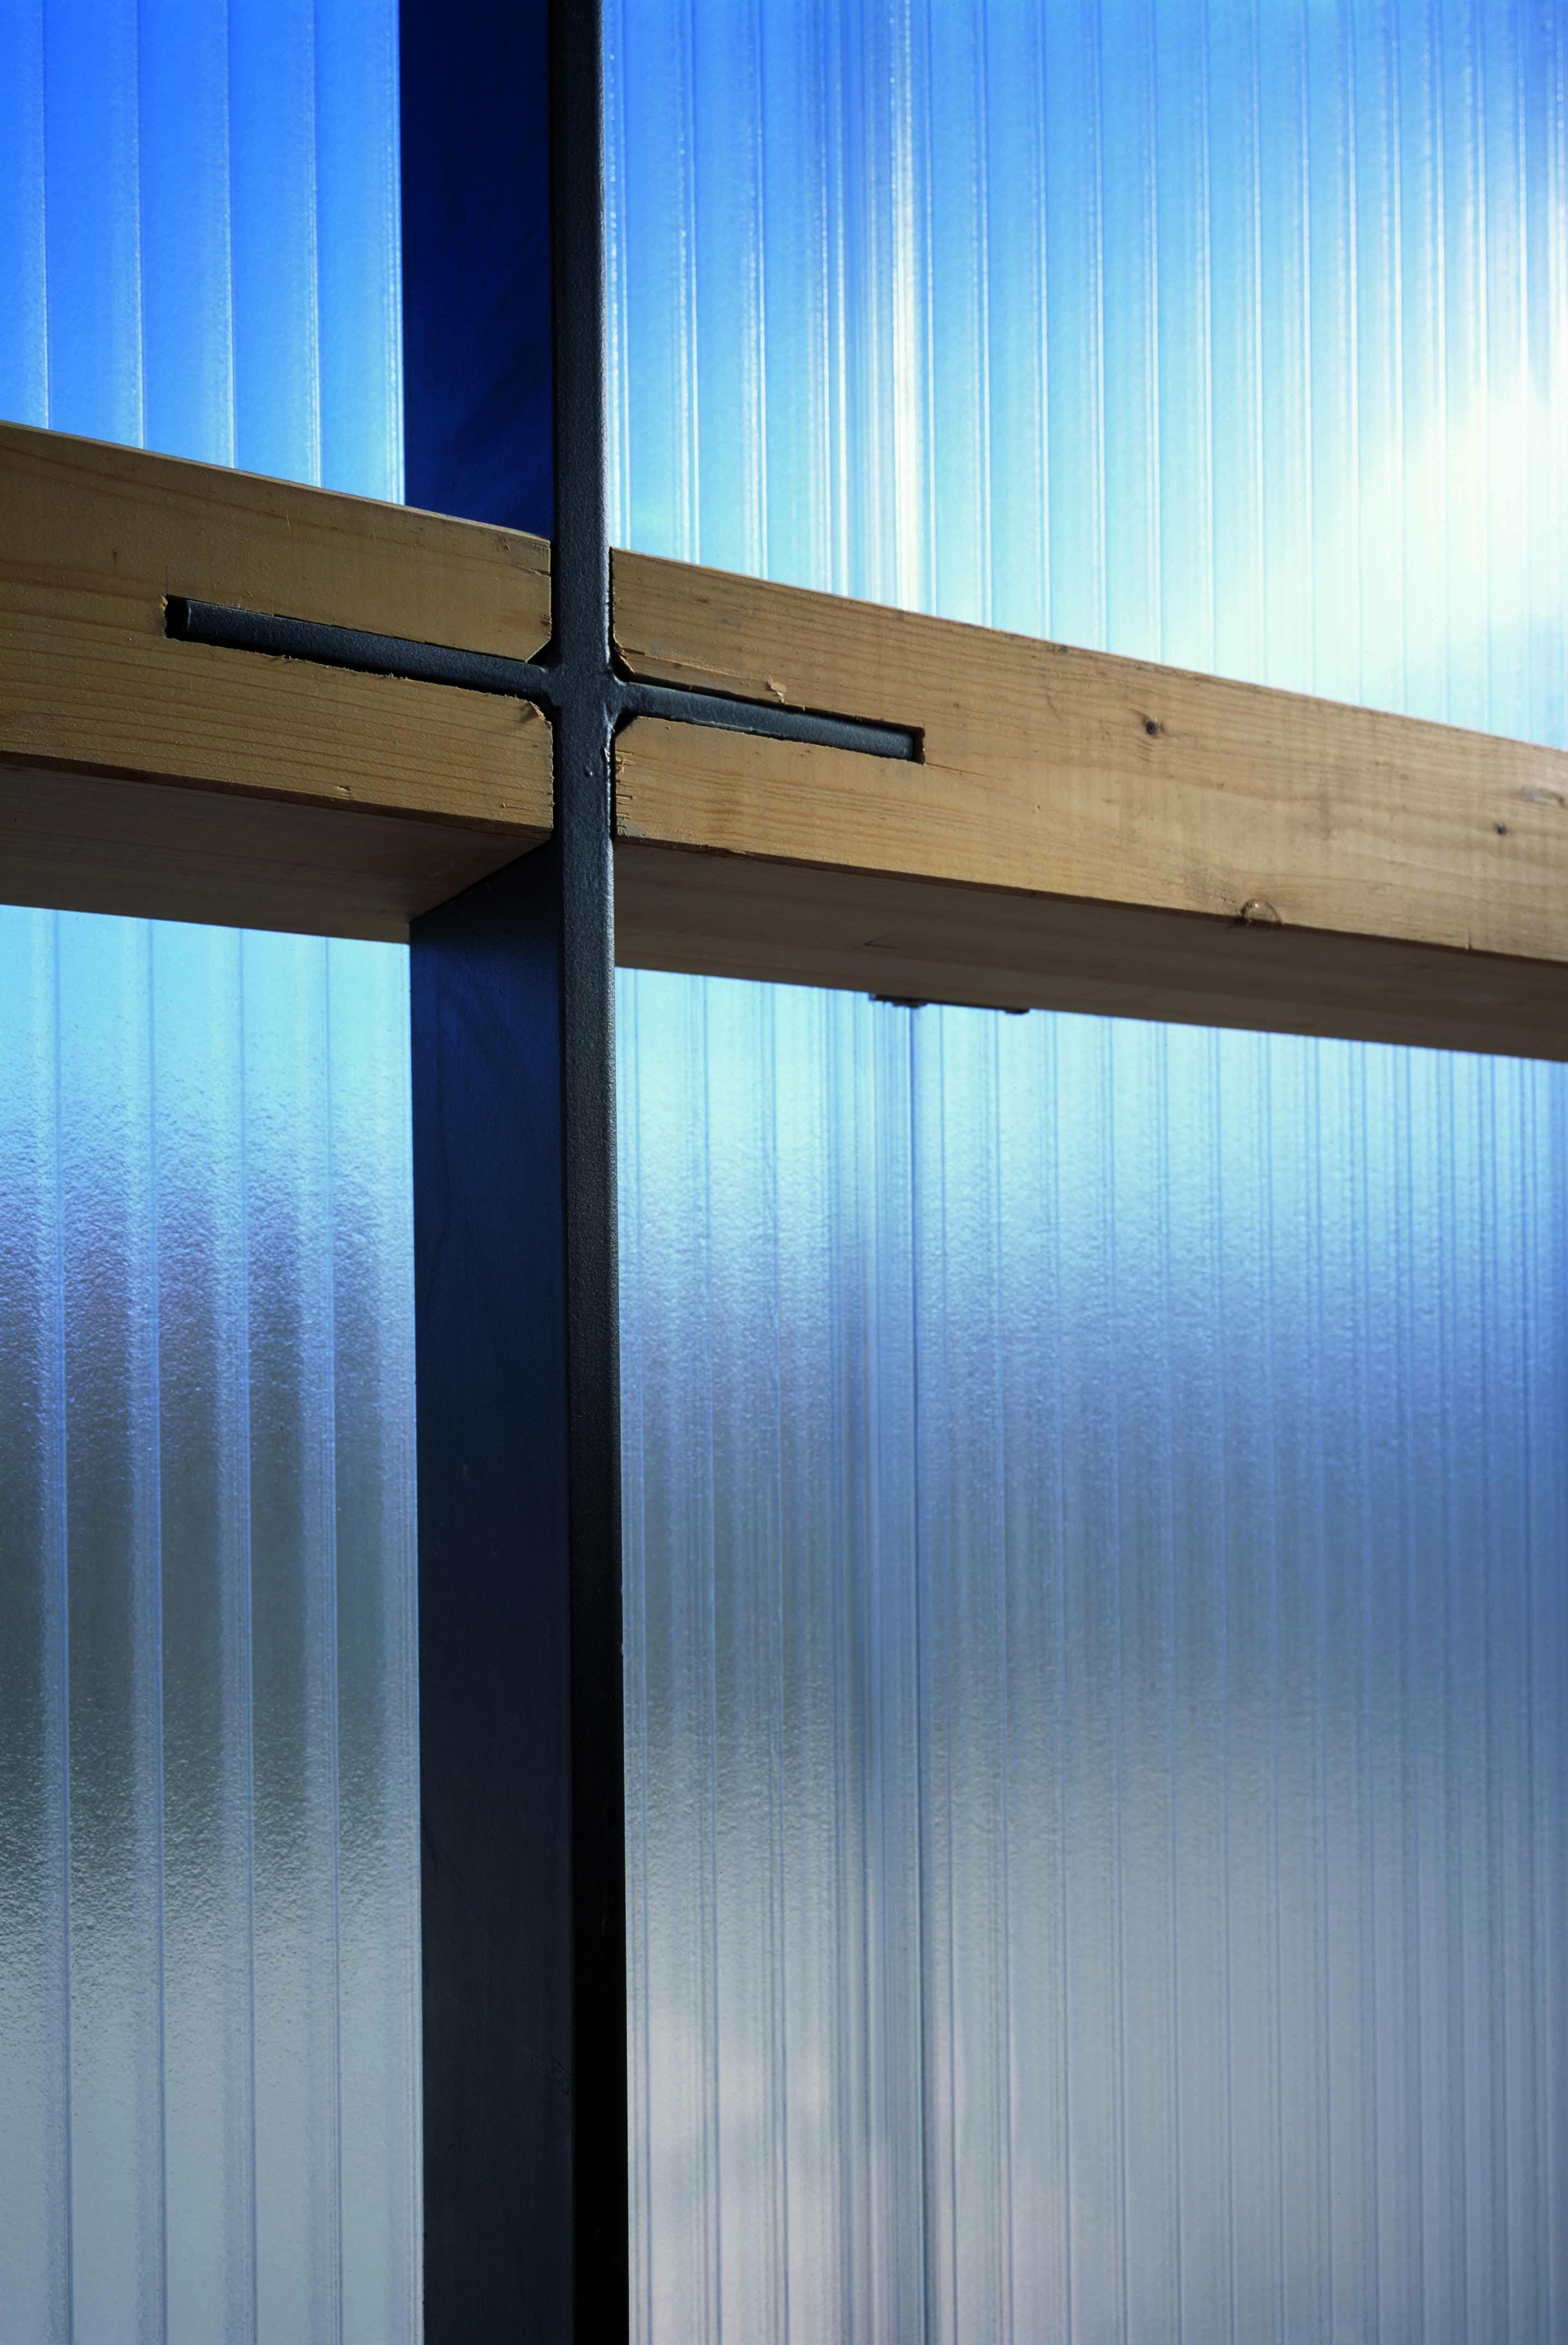 Die horizontale Unterkonstruktion der Polycarbonatfassade besteht aus BSH-Trägern, die Vertikale aus stählernen Zugstäben, Foto: Florian Holzherr